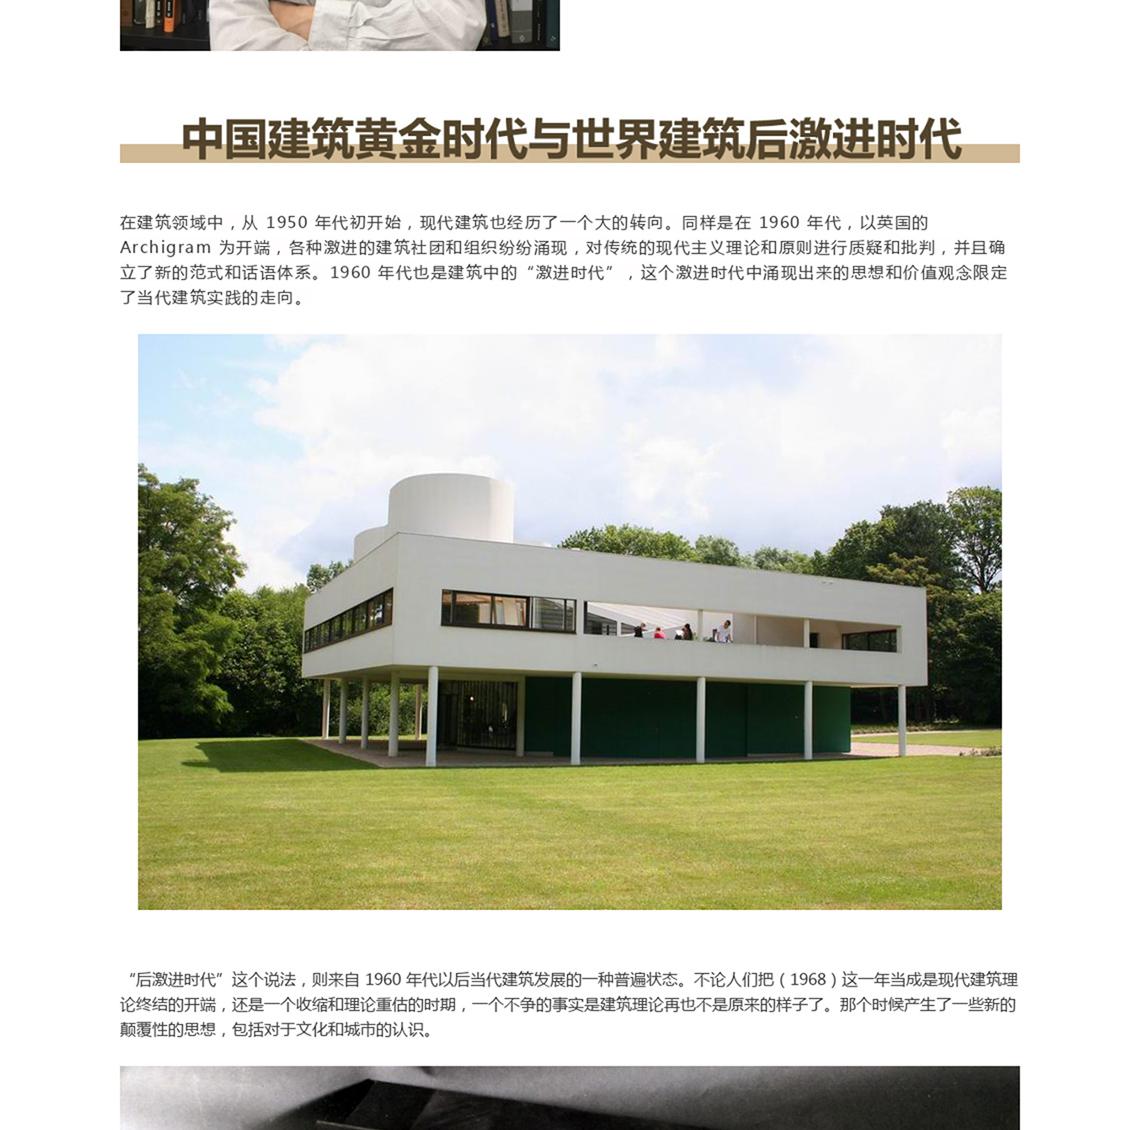 中国建筑的黄金时代与世界建筑的后激进时代